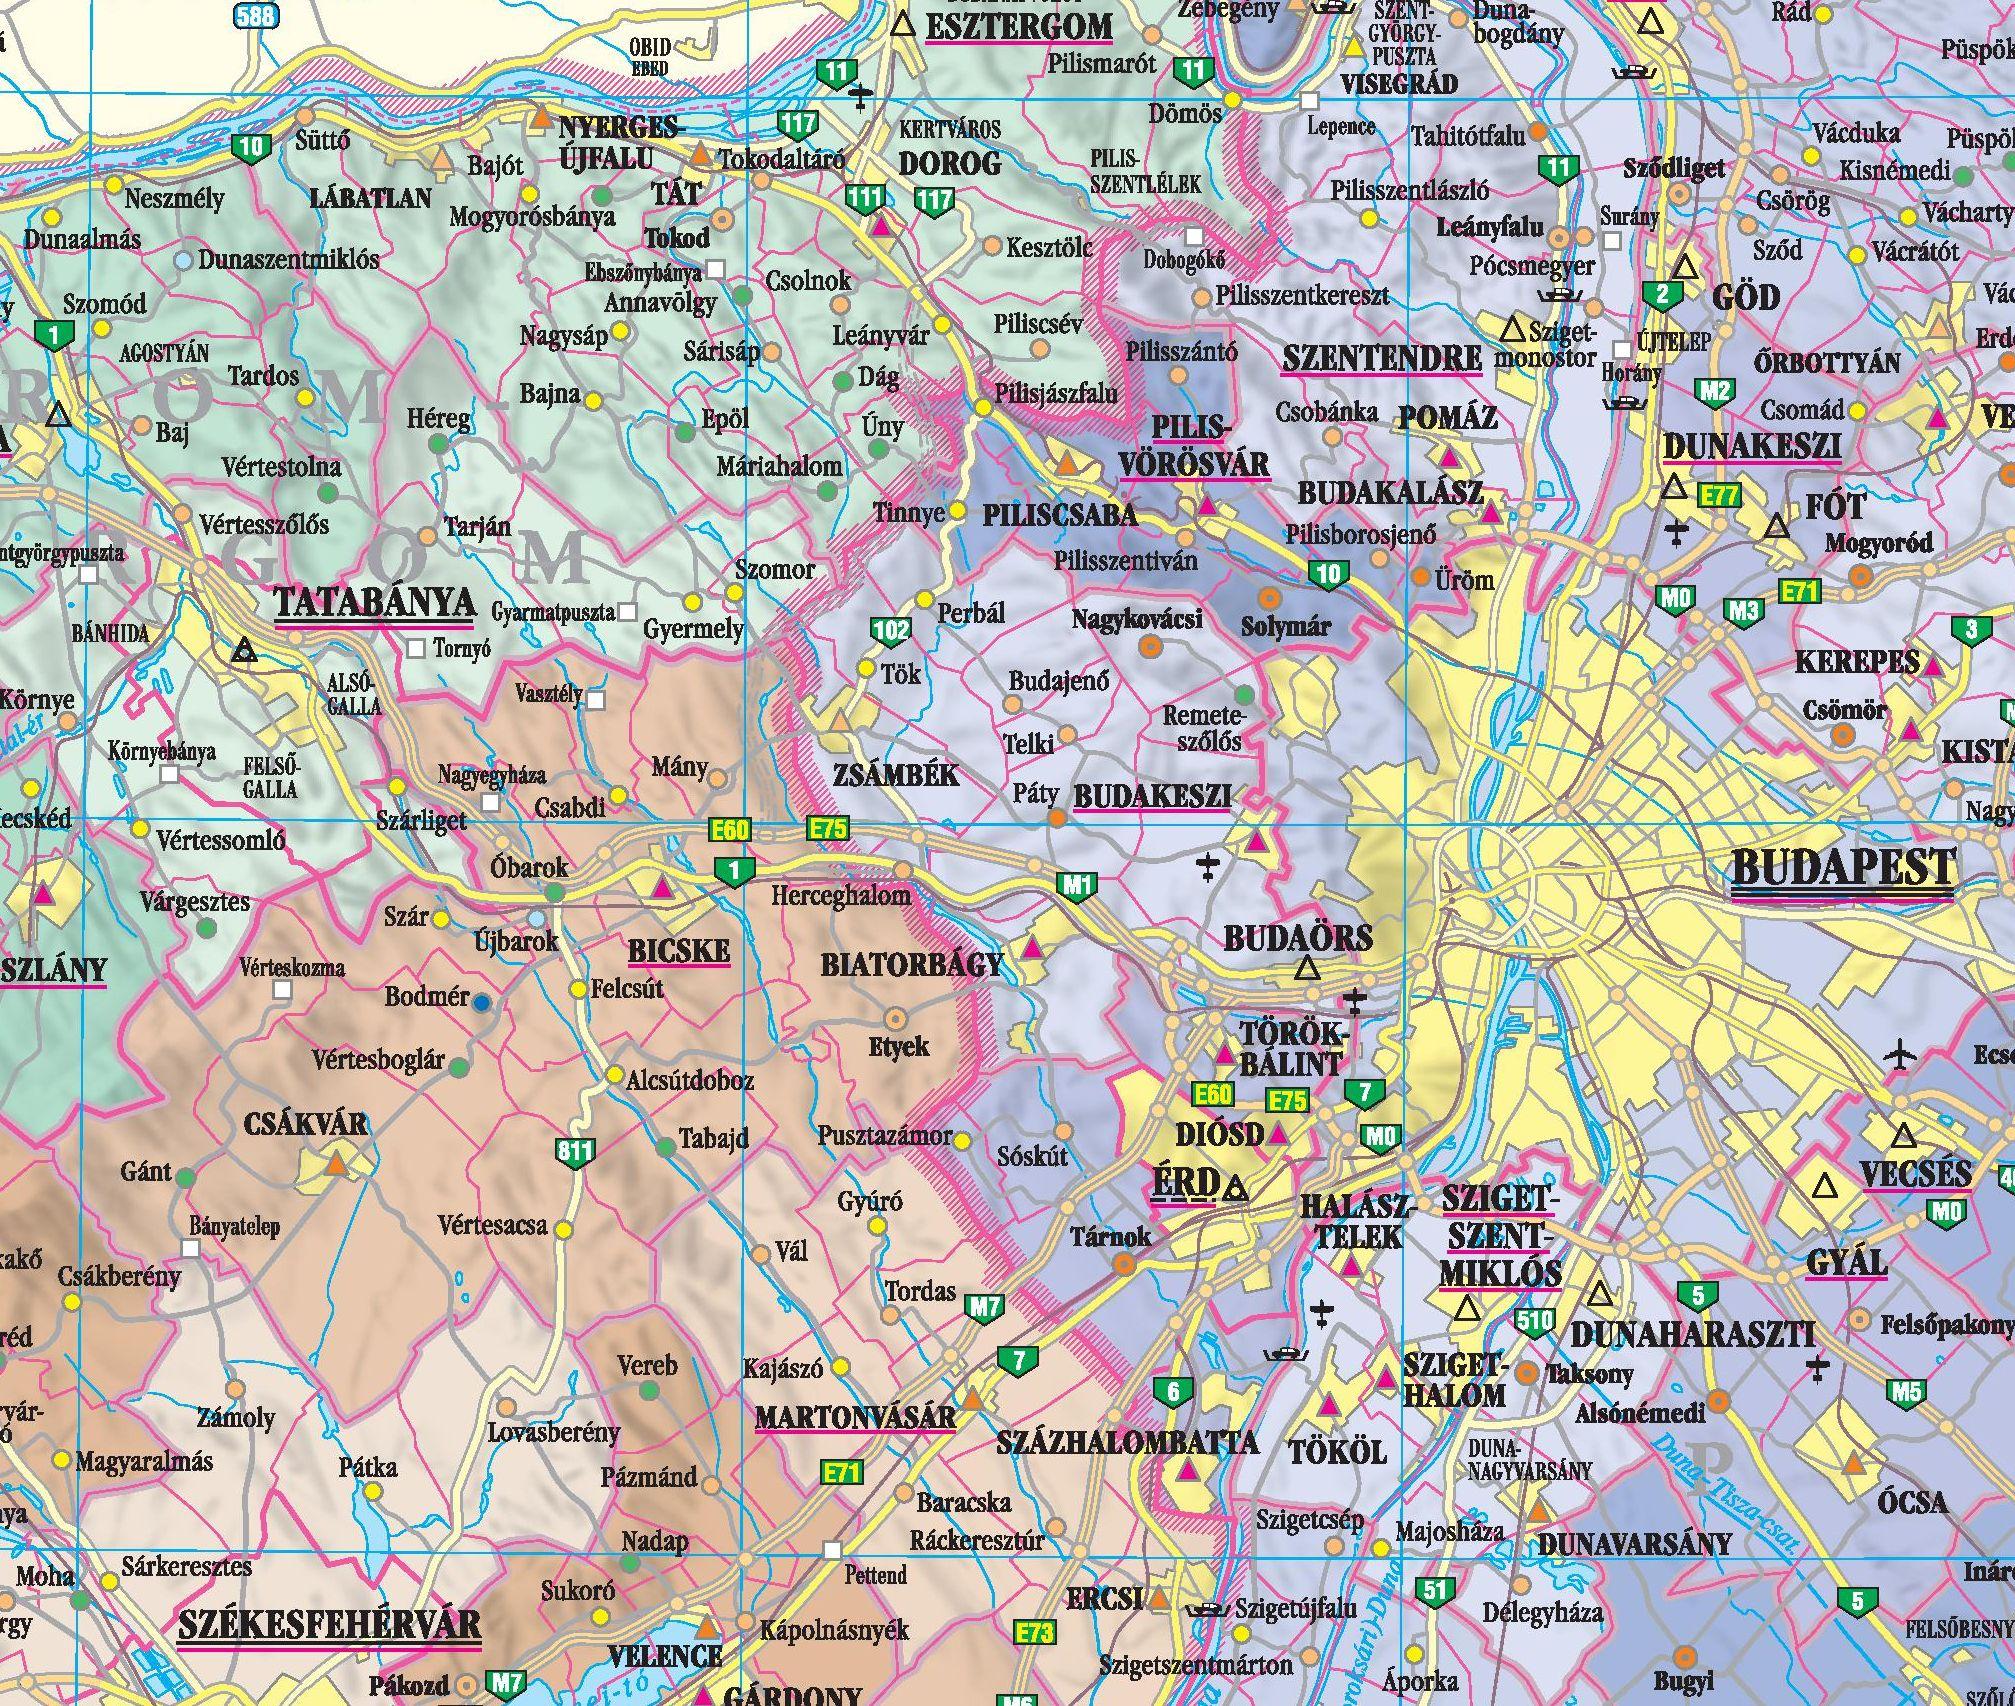 Magyarország közigazgatási térképe (Budapest környéke)